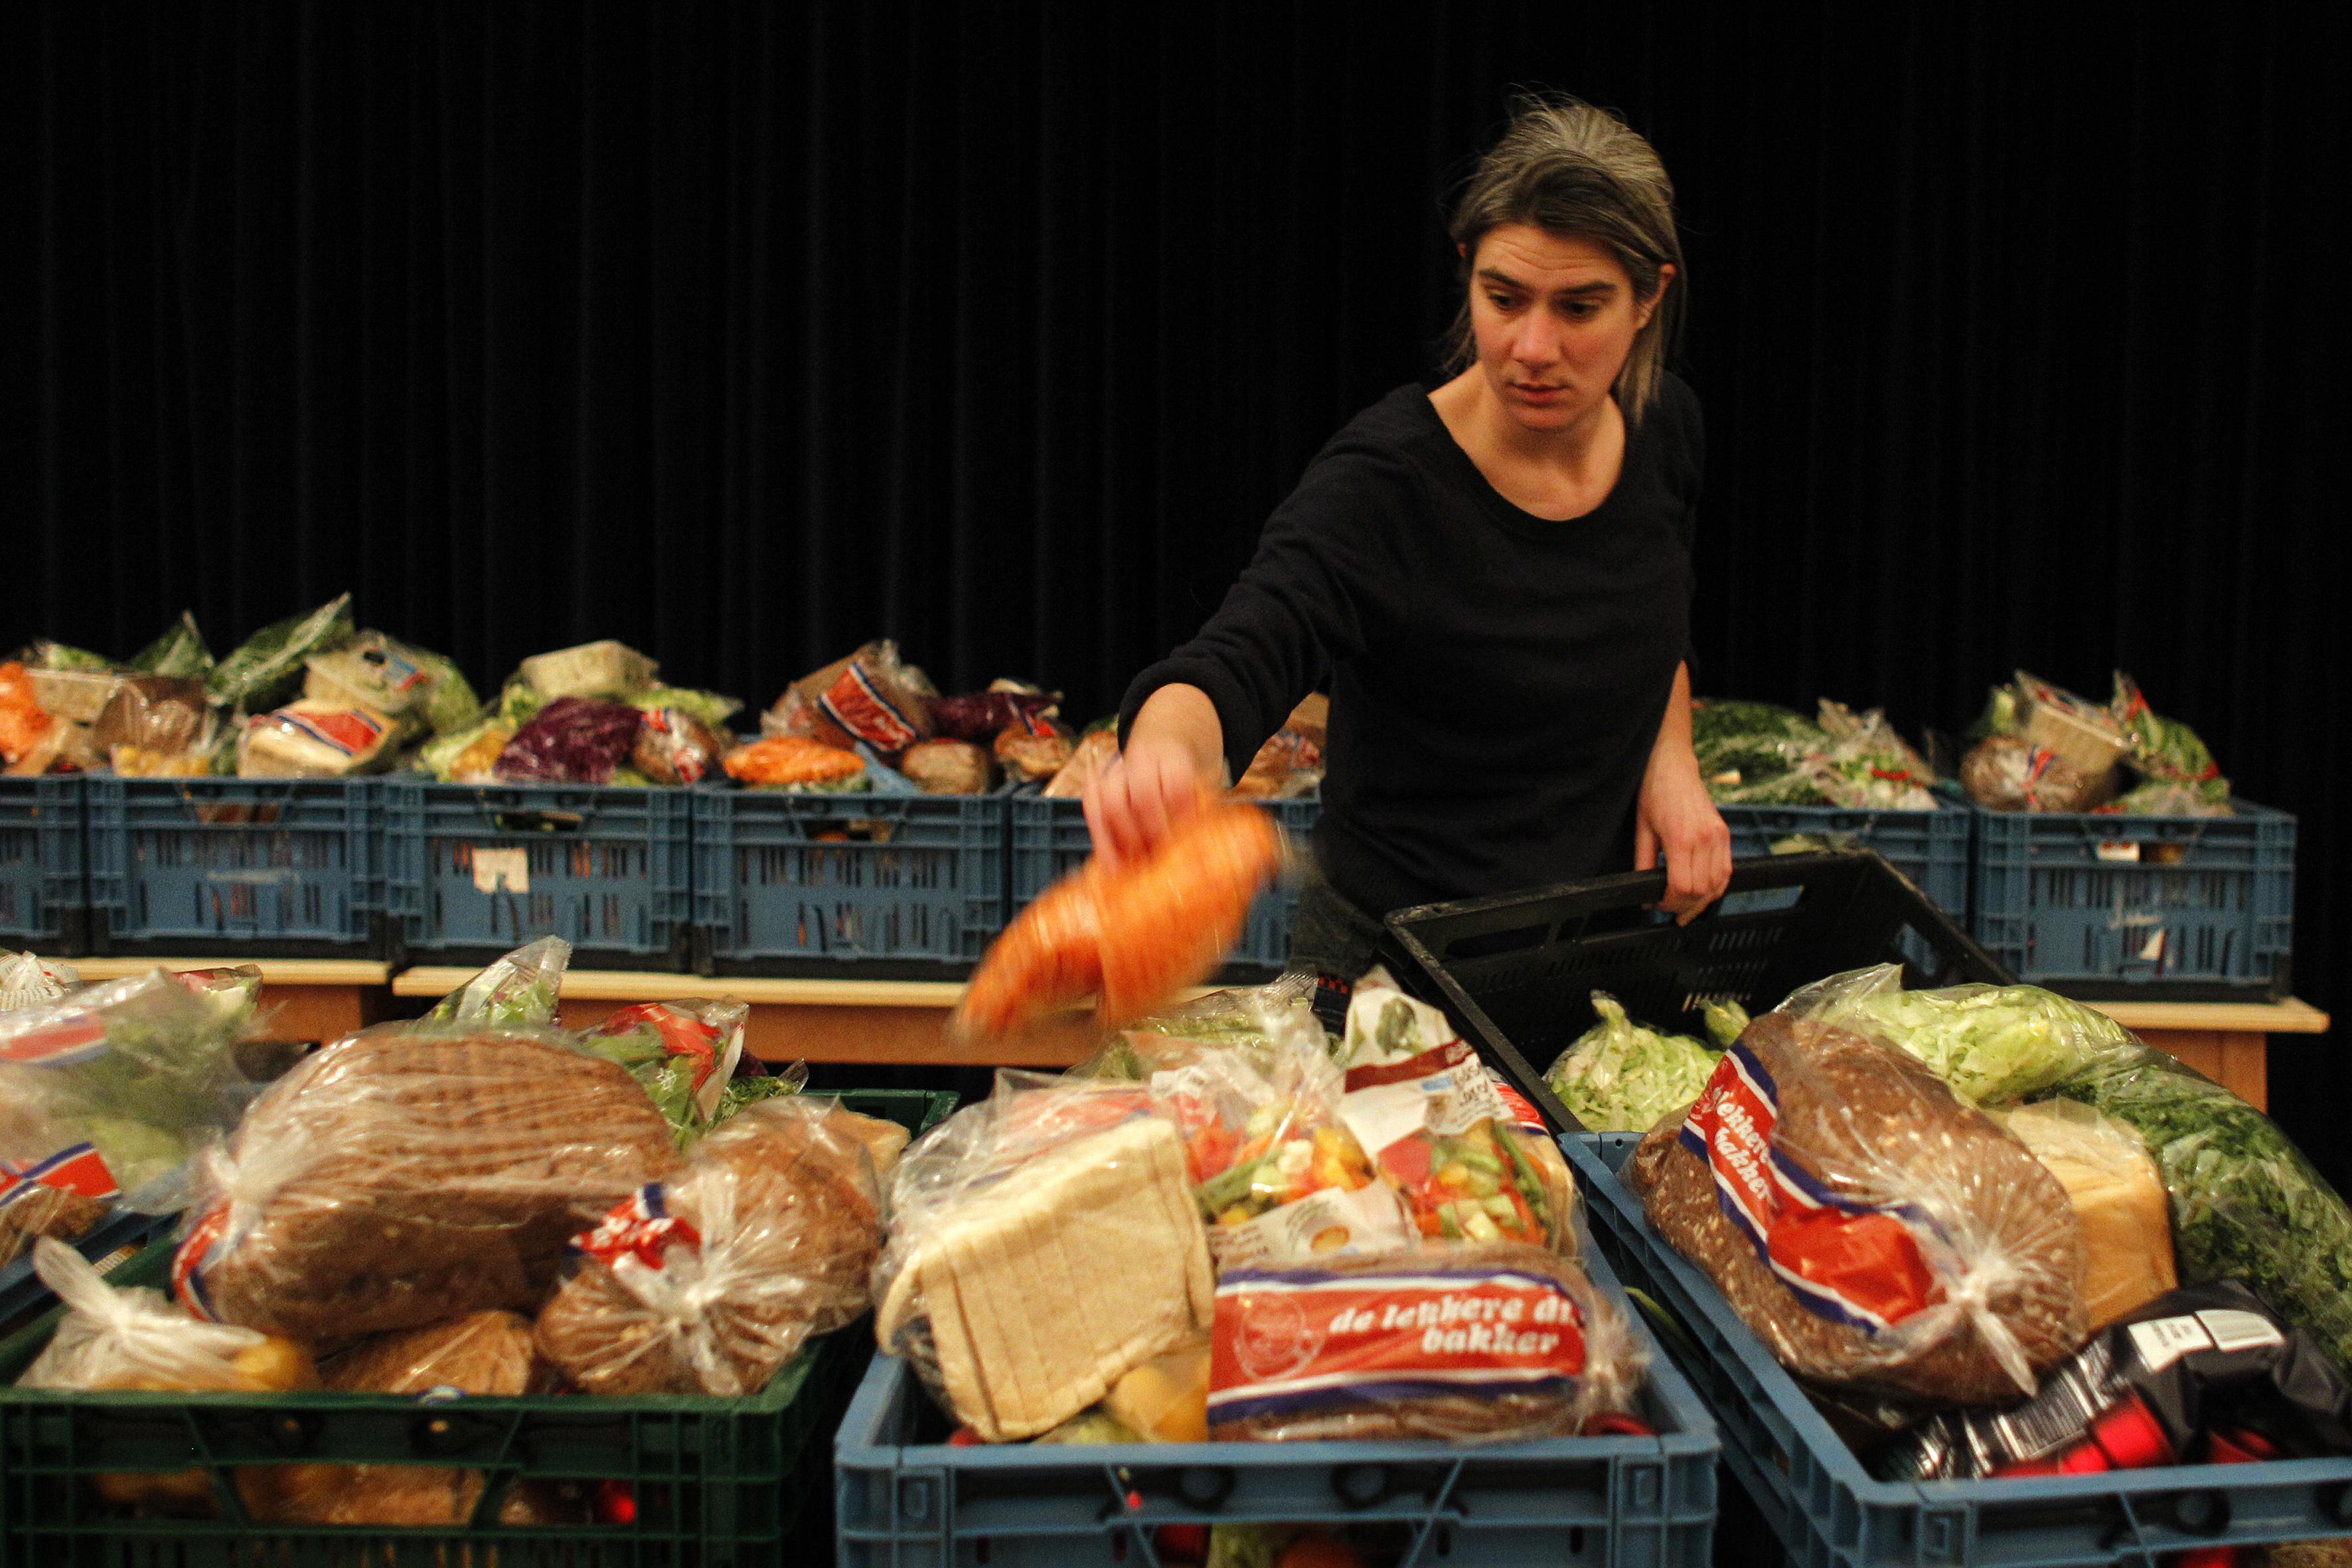 Buikpijn van armoedecijfers: in Velsen-Noord groeit een op de vier kinderen arm op, in de Zee- en Duinwijk een op de vijf